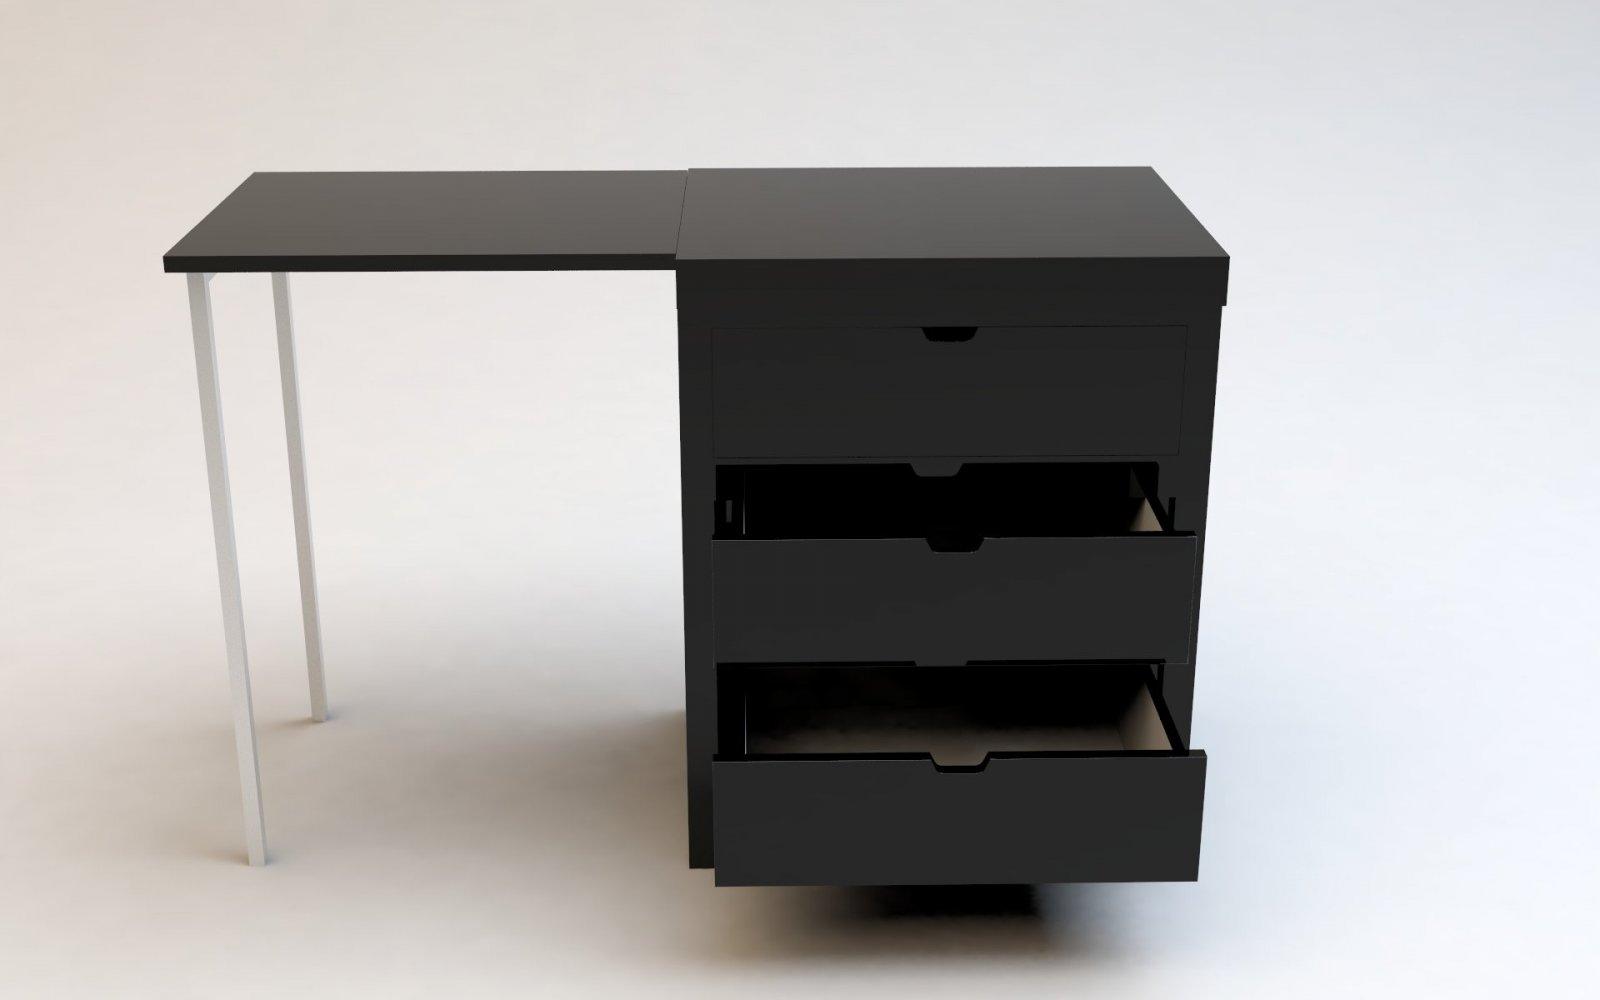 Galer a de muebles de dise o muebles de dise o for Software diseno de muebles